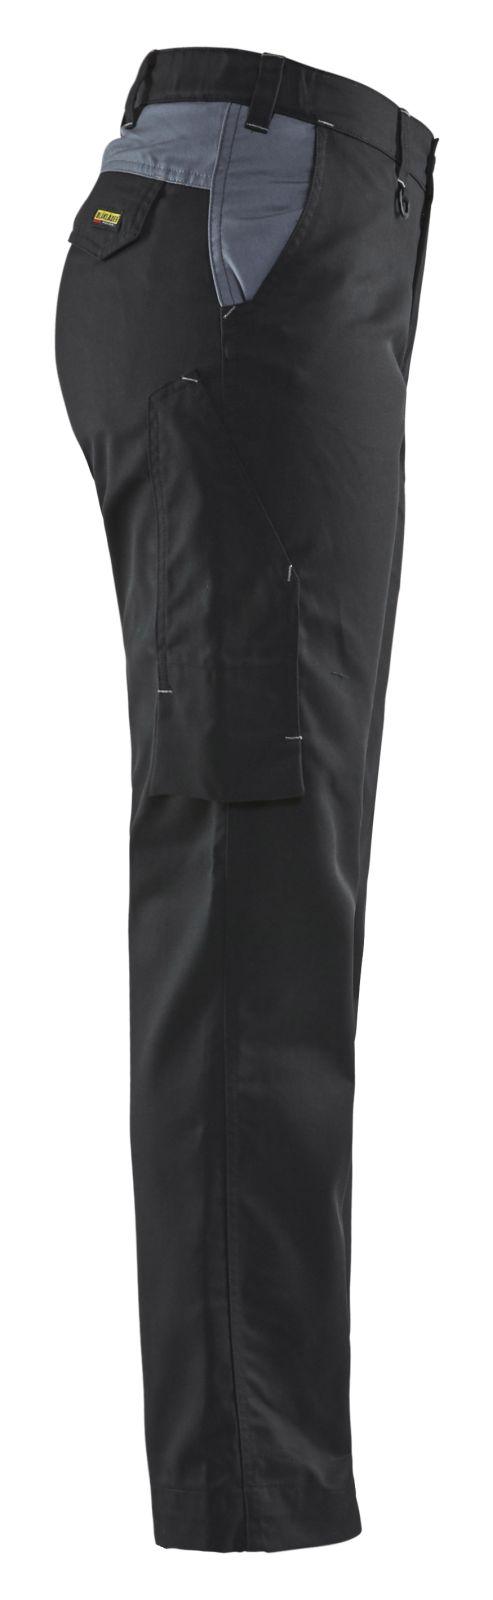 Blaklader Dames werkbroeken 71041800 zwart-grijs(9994)